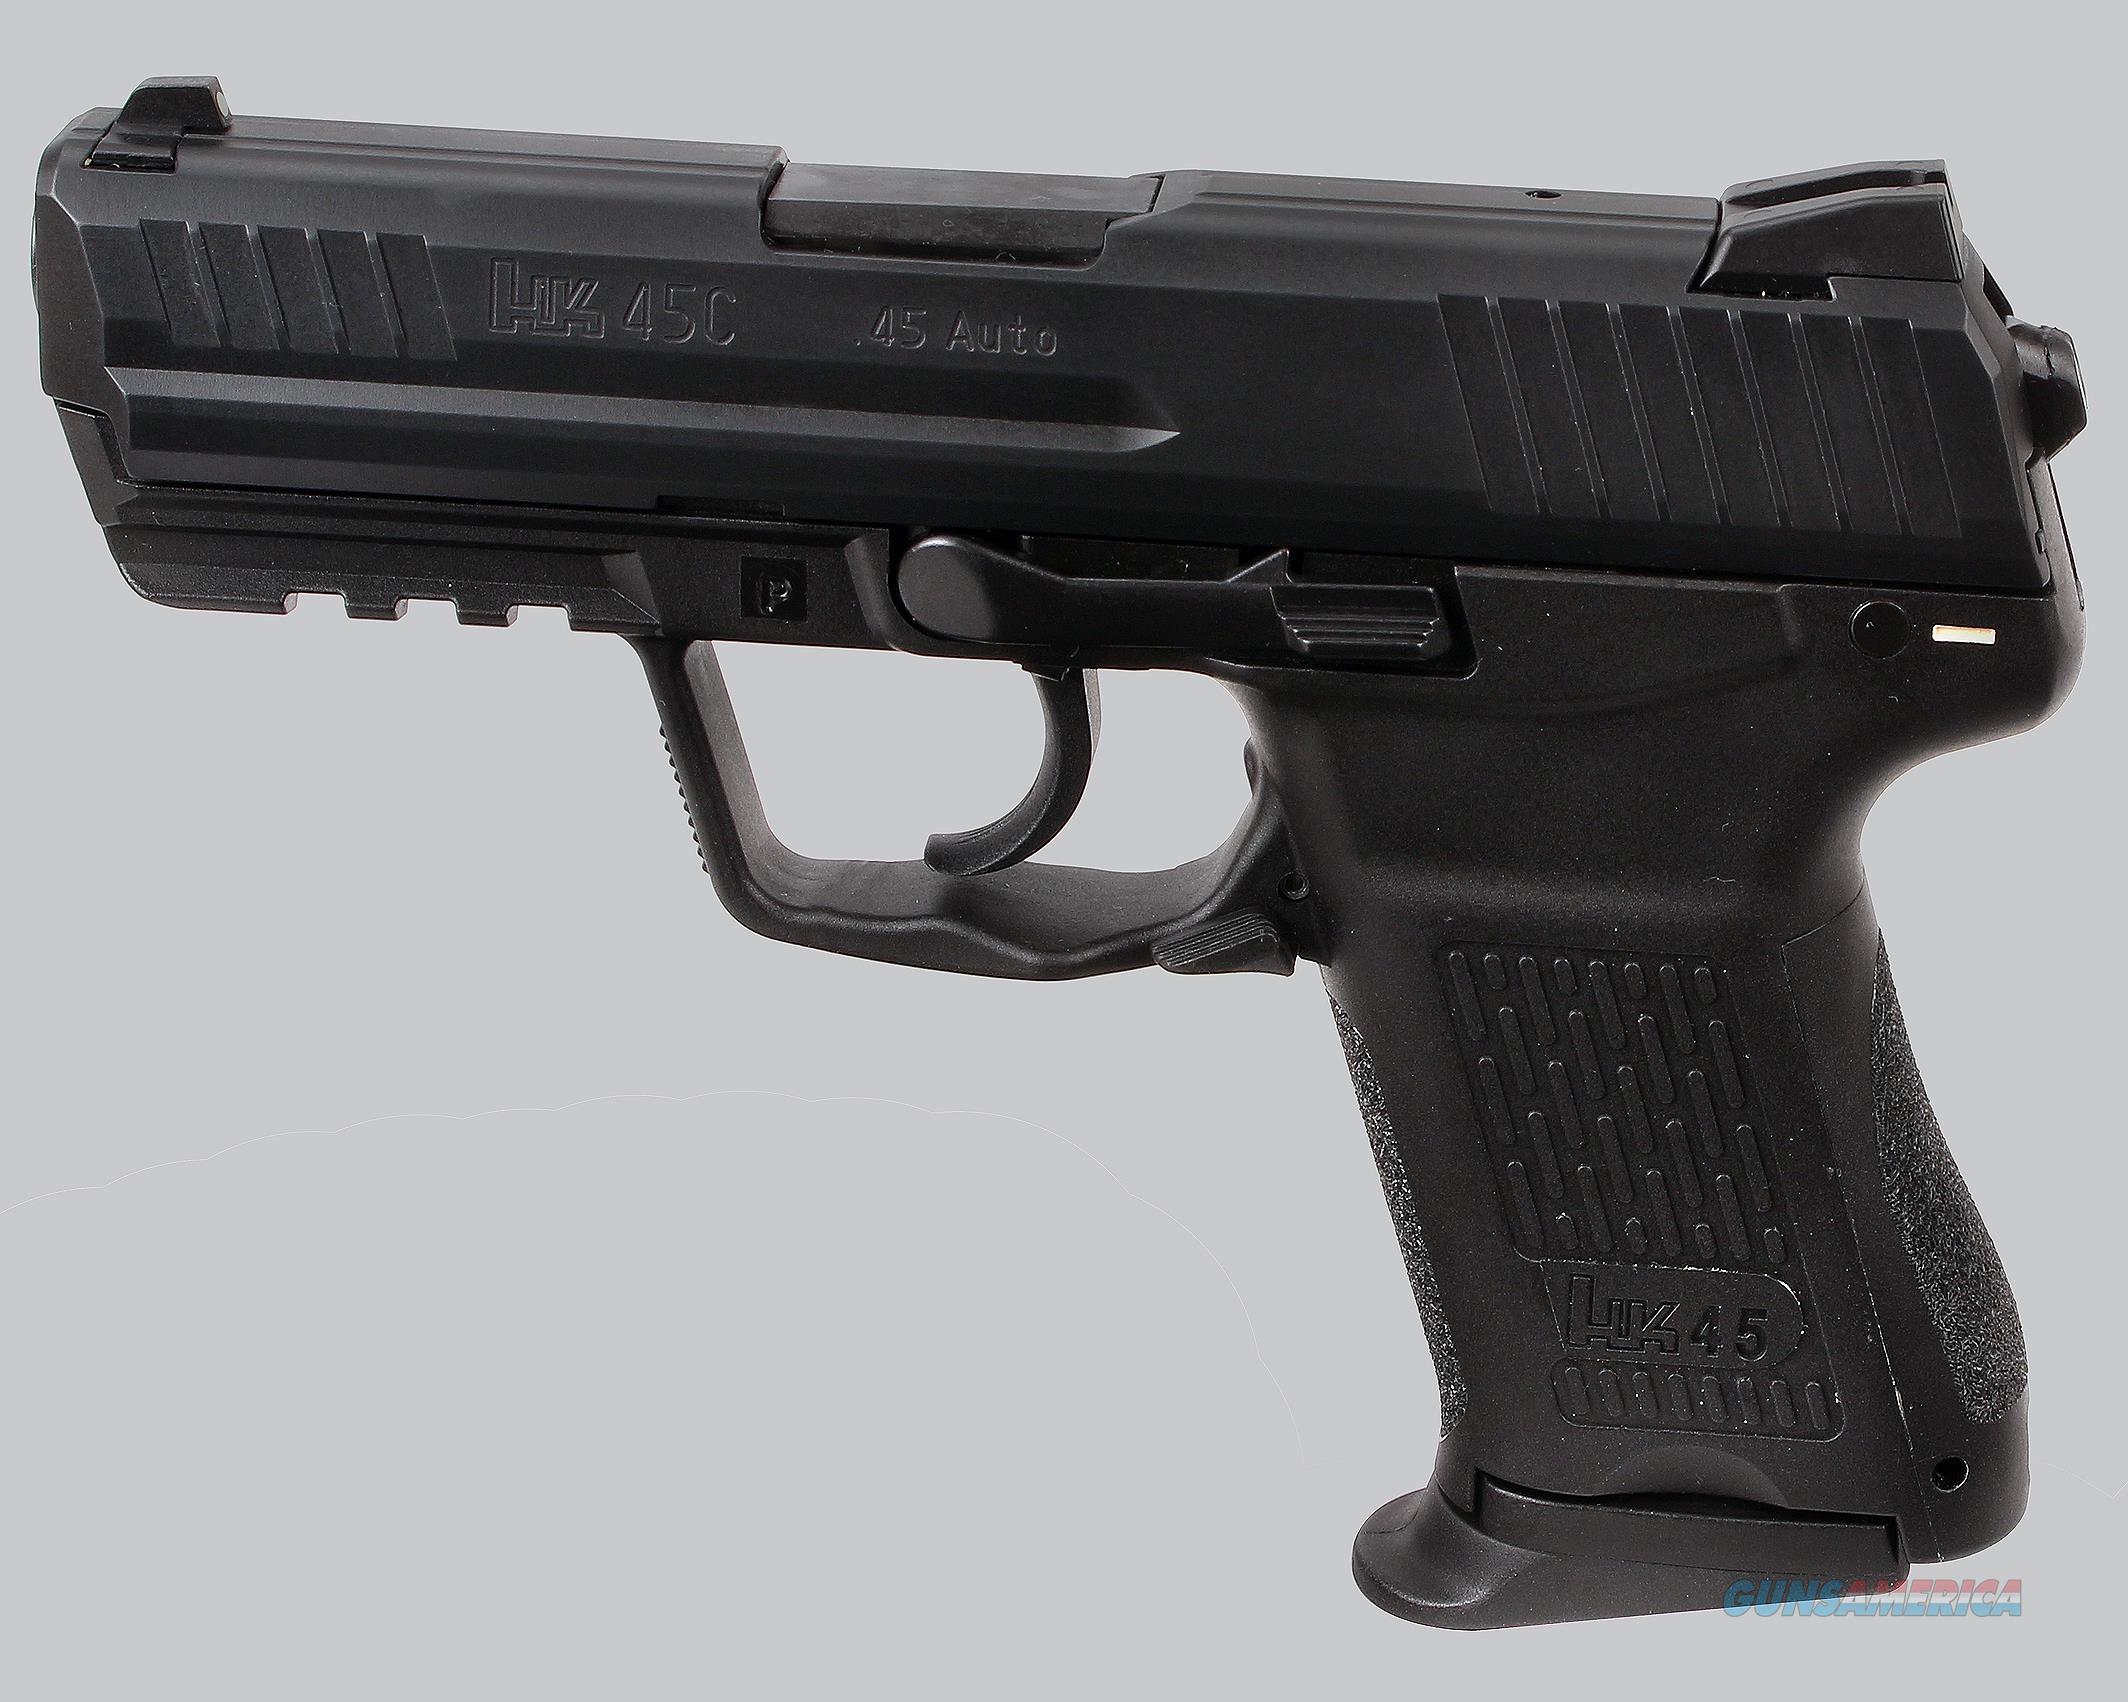 H&K 45acp HK45C Pistol  Guns > Pistols > Heckler & Koch Pistols > Polymer Frame